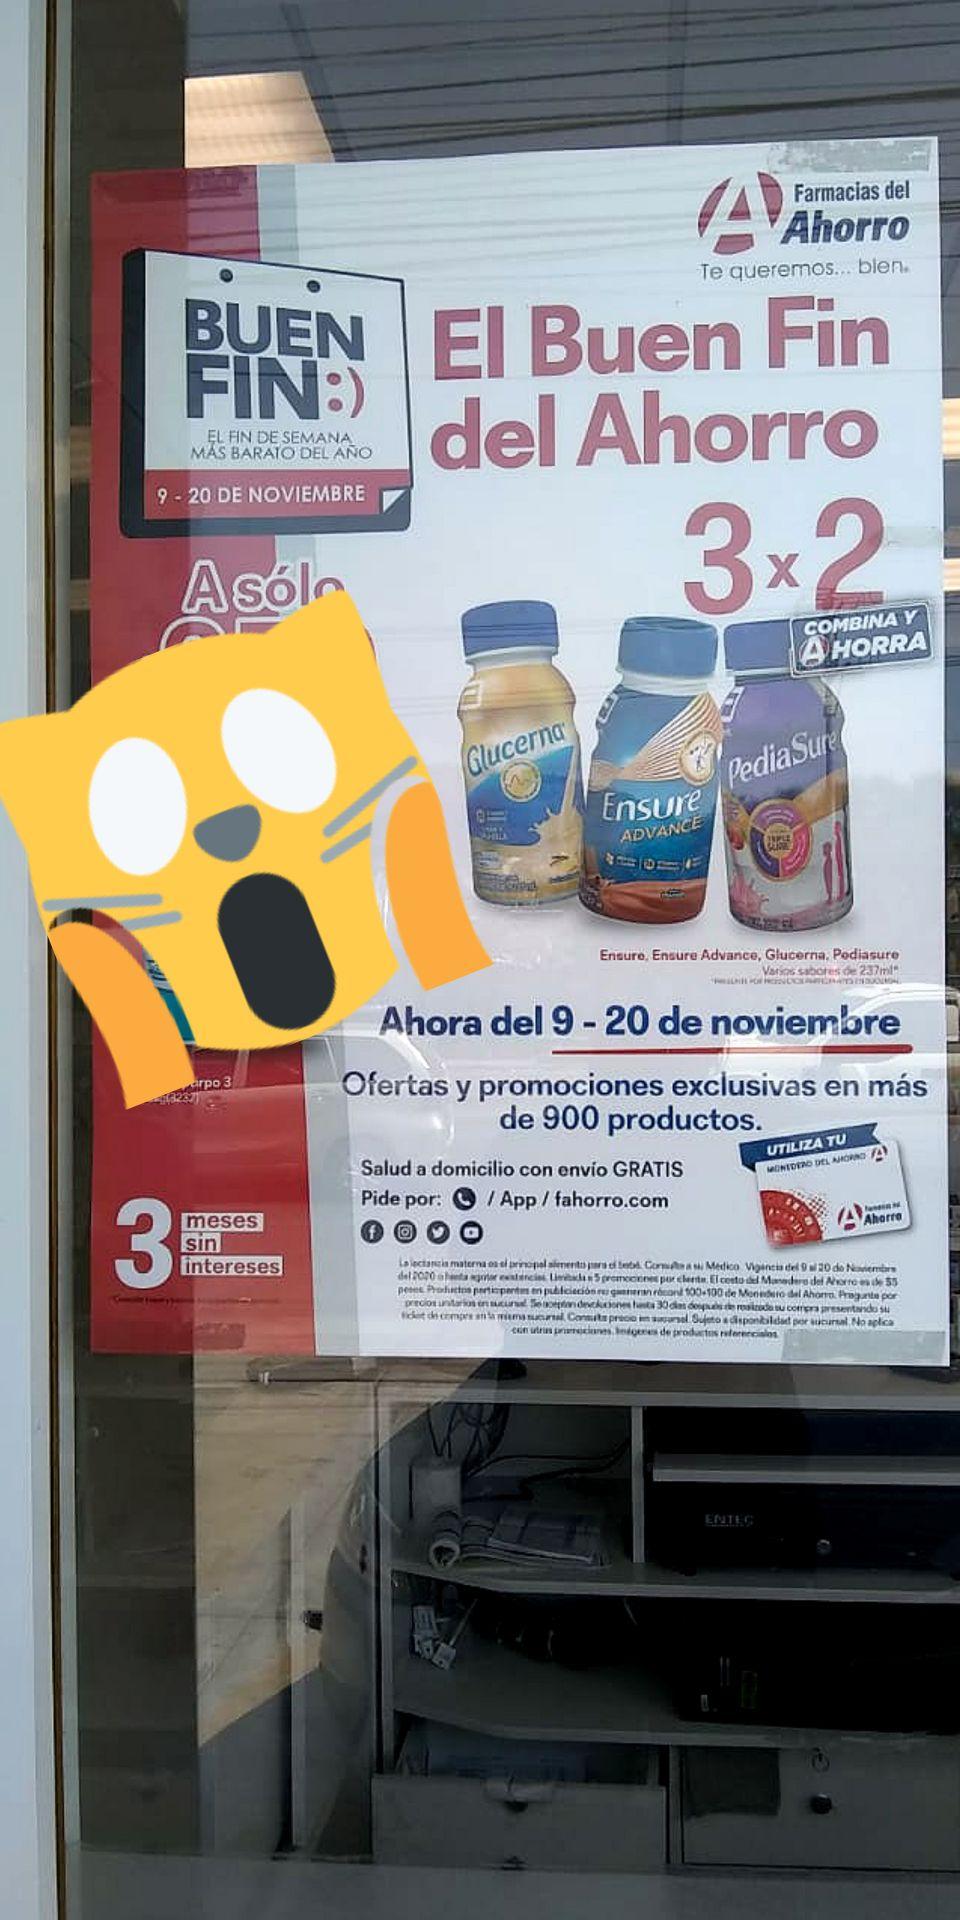 Farmacias del Ahorro BUEN FIN: 3x2 en Ensure Adv., Glucerna y Pediasure